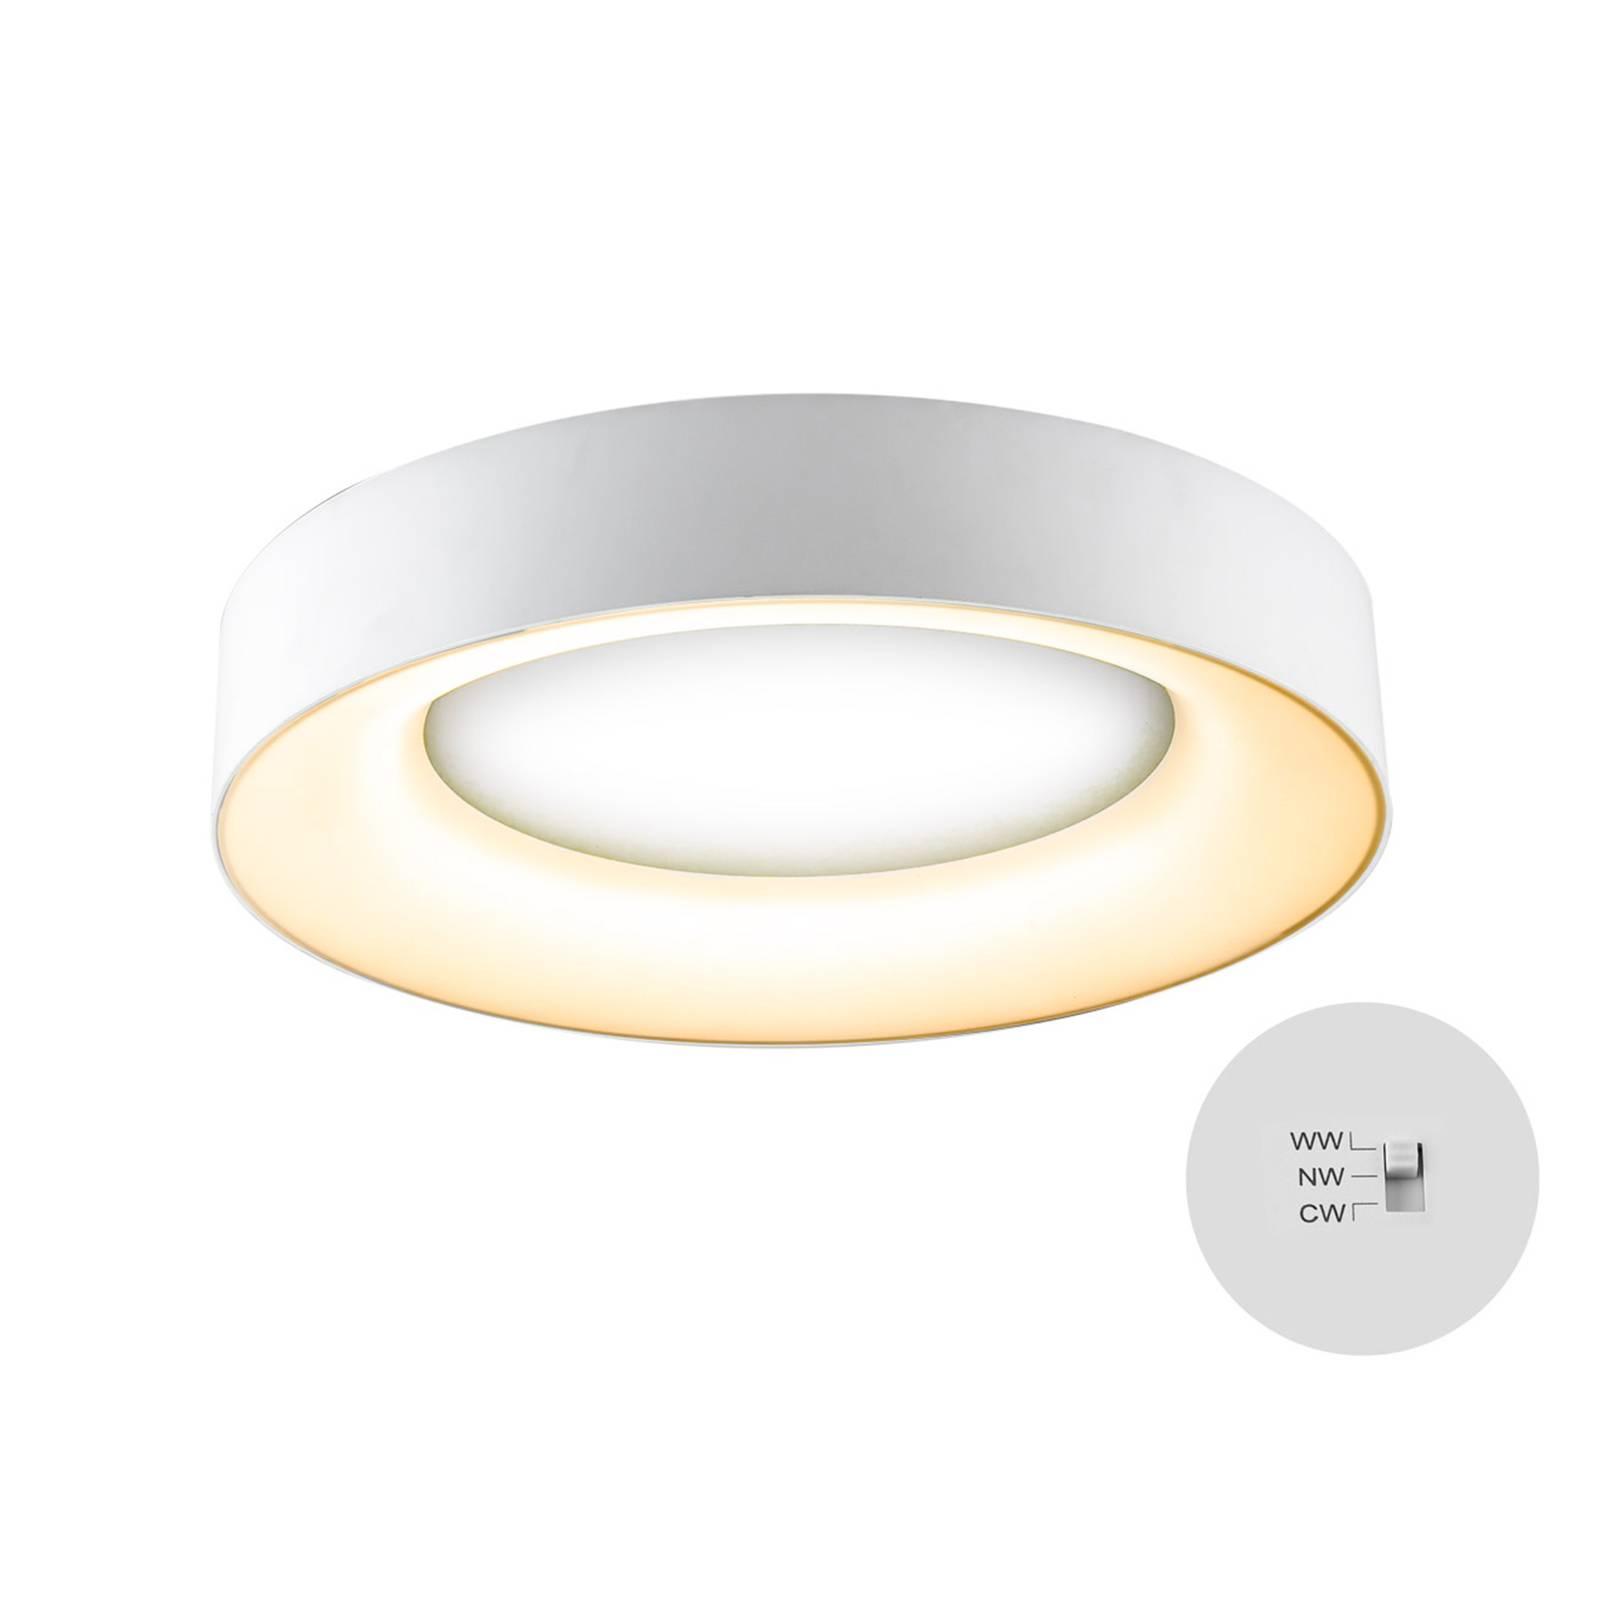 LED-Deckenleuchte R40, Ø 40 cm, weiß